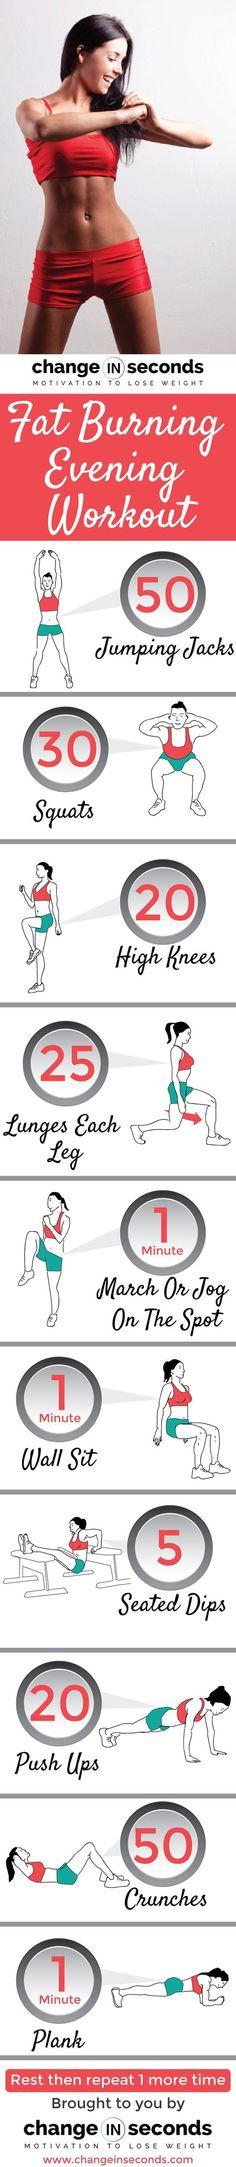 Fat Burning Evening Workout (Download PDF) - http://dietforyouc.blogspot.ru/